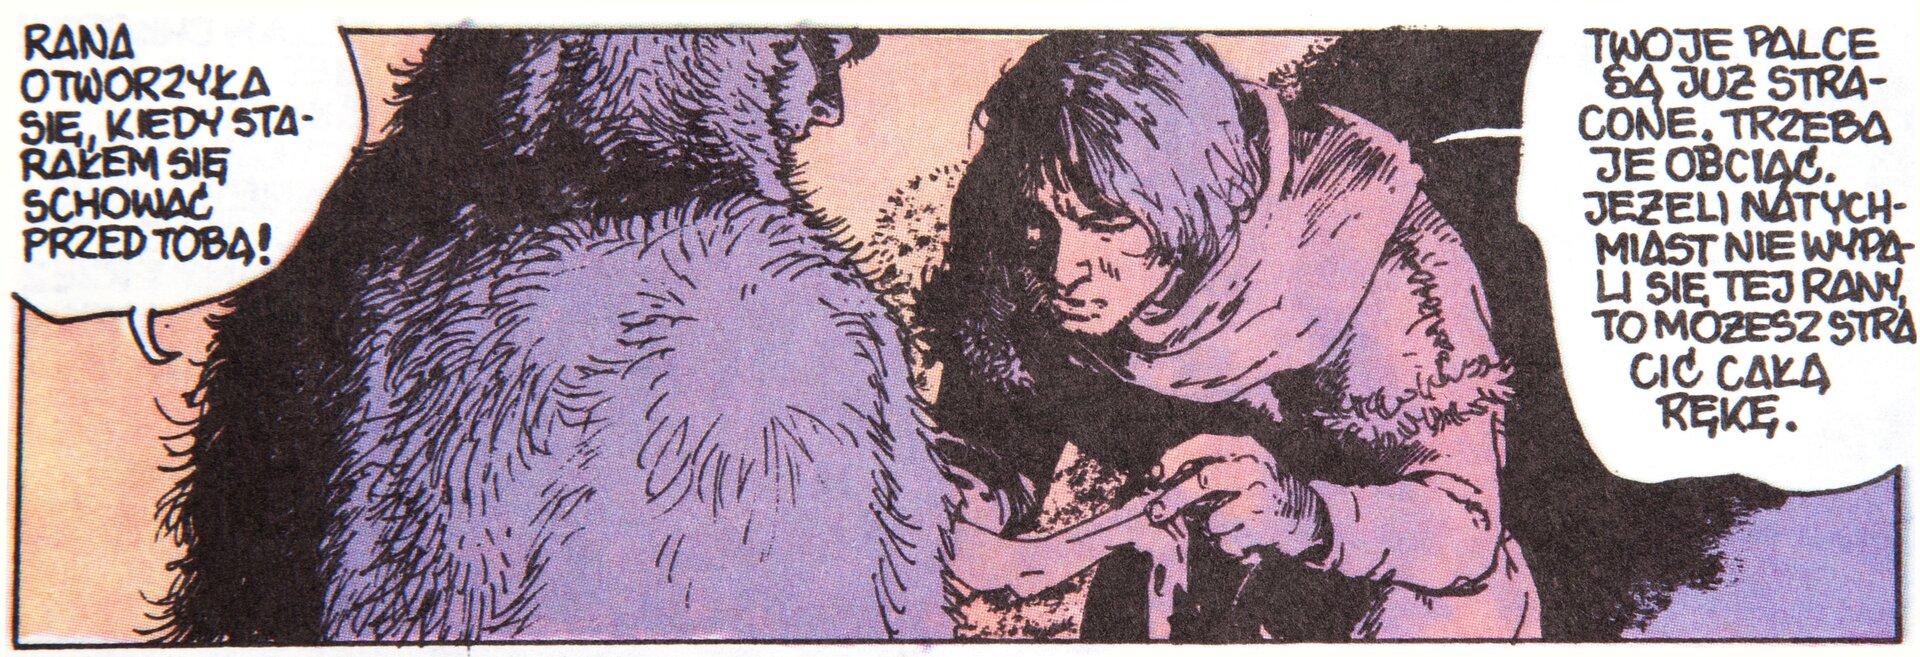 """Ilustracja przedstawia fragment komiksu """"Skąd się bierze woda sodowa. Inie tylko"""". Ukazuje dwóch mężczyzn. Mężczyzna po lewej ubrany jest wfutro zkapturem istoi tyłem do widza. Mężczyzna zprawej odługich, czarnych włosach. ubrany jest włachmany. Pochyla się przed drugą postacią, przyglądając się jego ręce. Cała scena utrzymana jest wkolorystyce różu ifioletu. Przy postaciach znajdują się dymki. Mężczyzna zlewej mówi: Rana otworzyła się, kiedy starałem się schować przed tobą! Postać zprawej odpowiada: Twoje palce są już stracone, trzeba je obciąć. Jeżeli natychmiast nie wypali się tej rany, to możesz stracić całą rękę."""